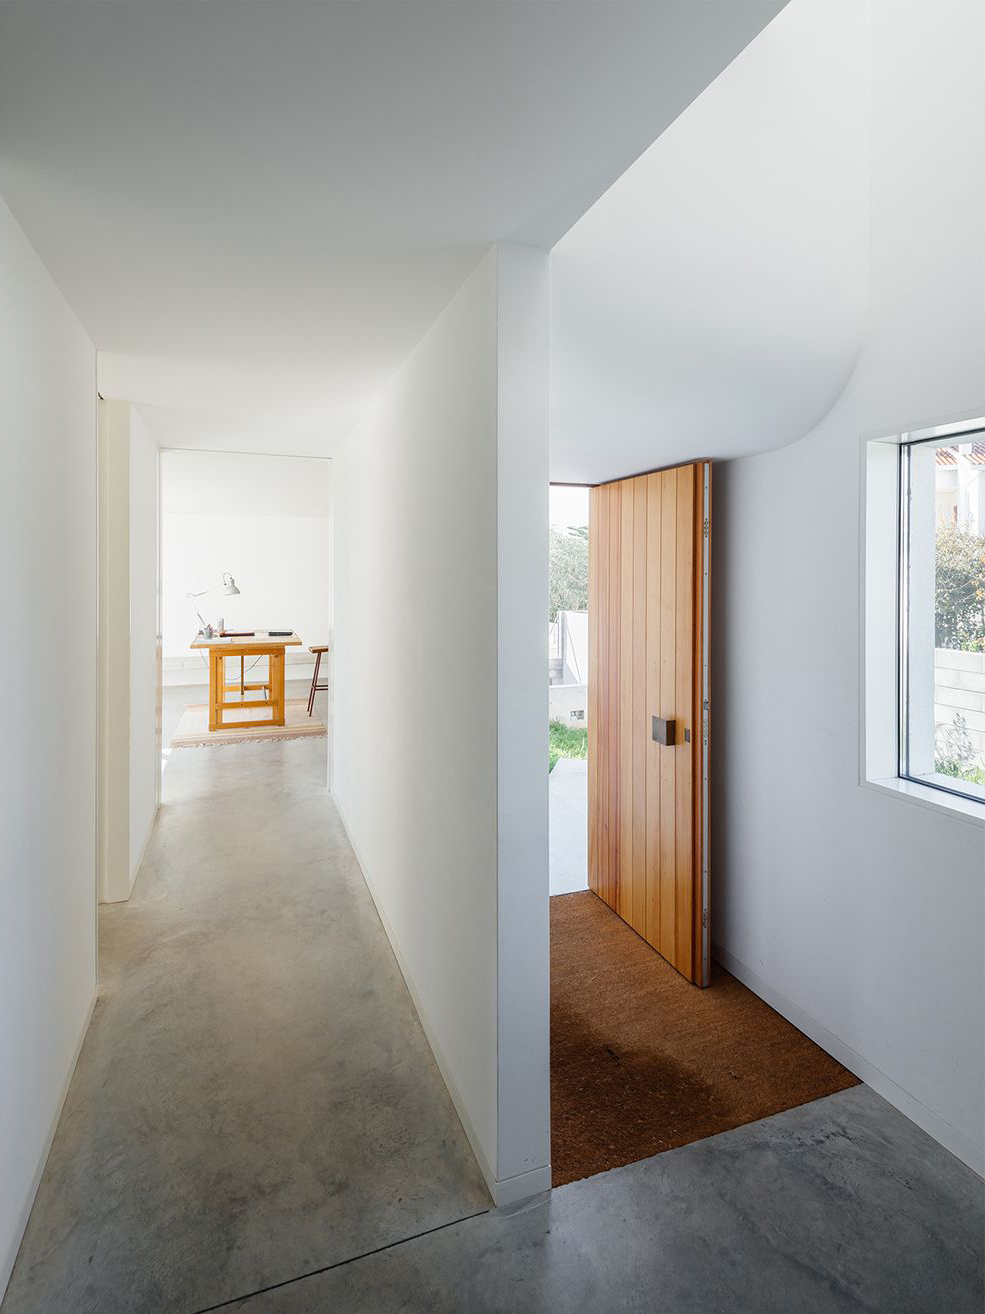 casa-preguicosas-3